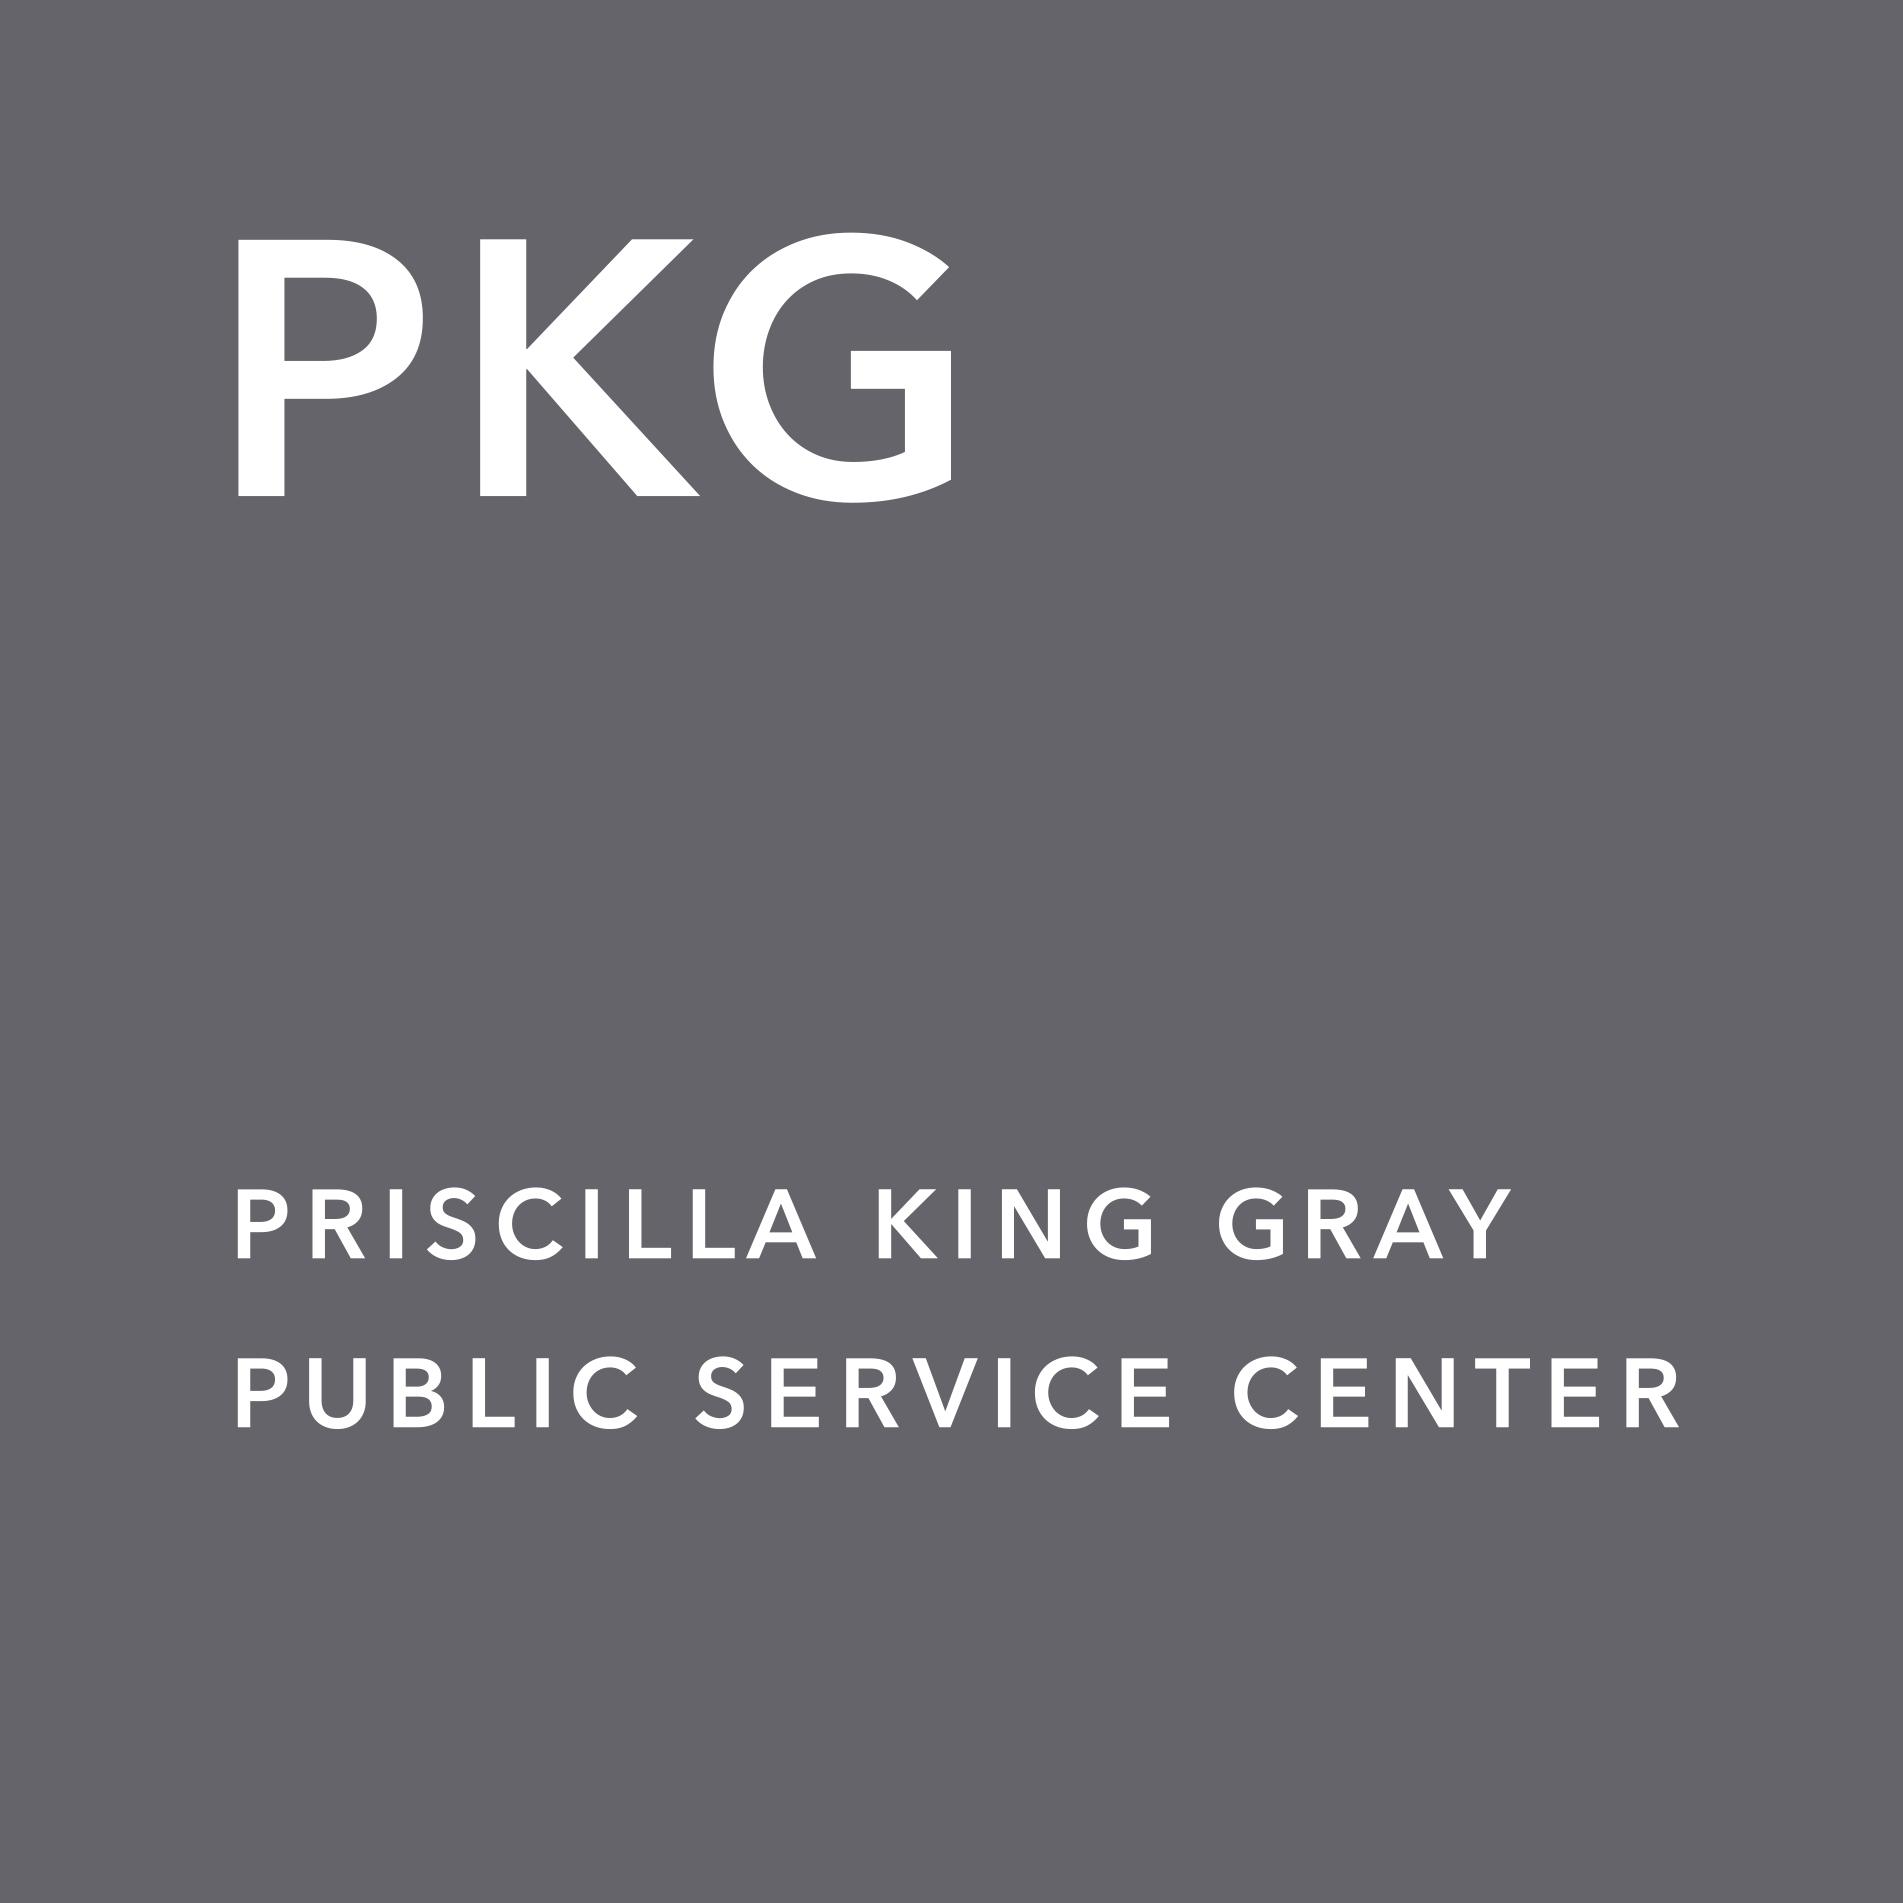 Priscilla King Gray (PKG) Public Service Center